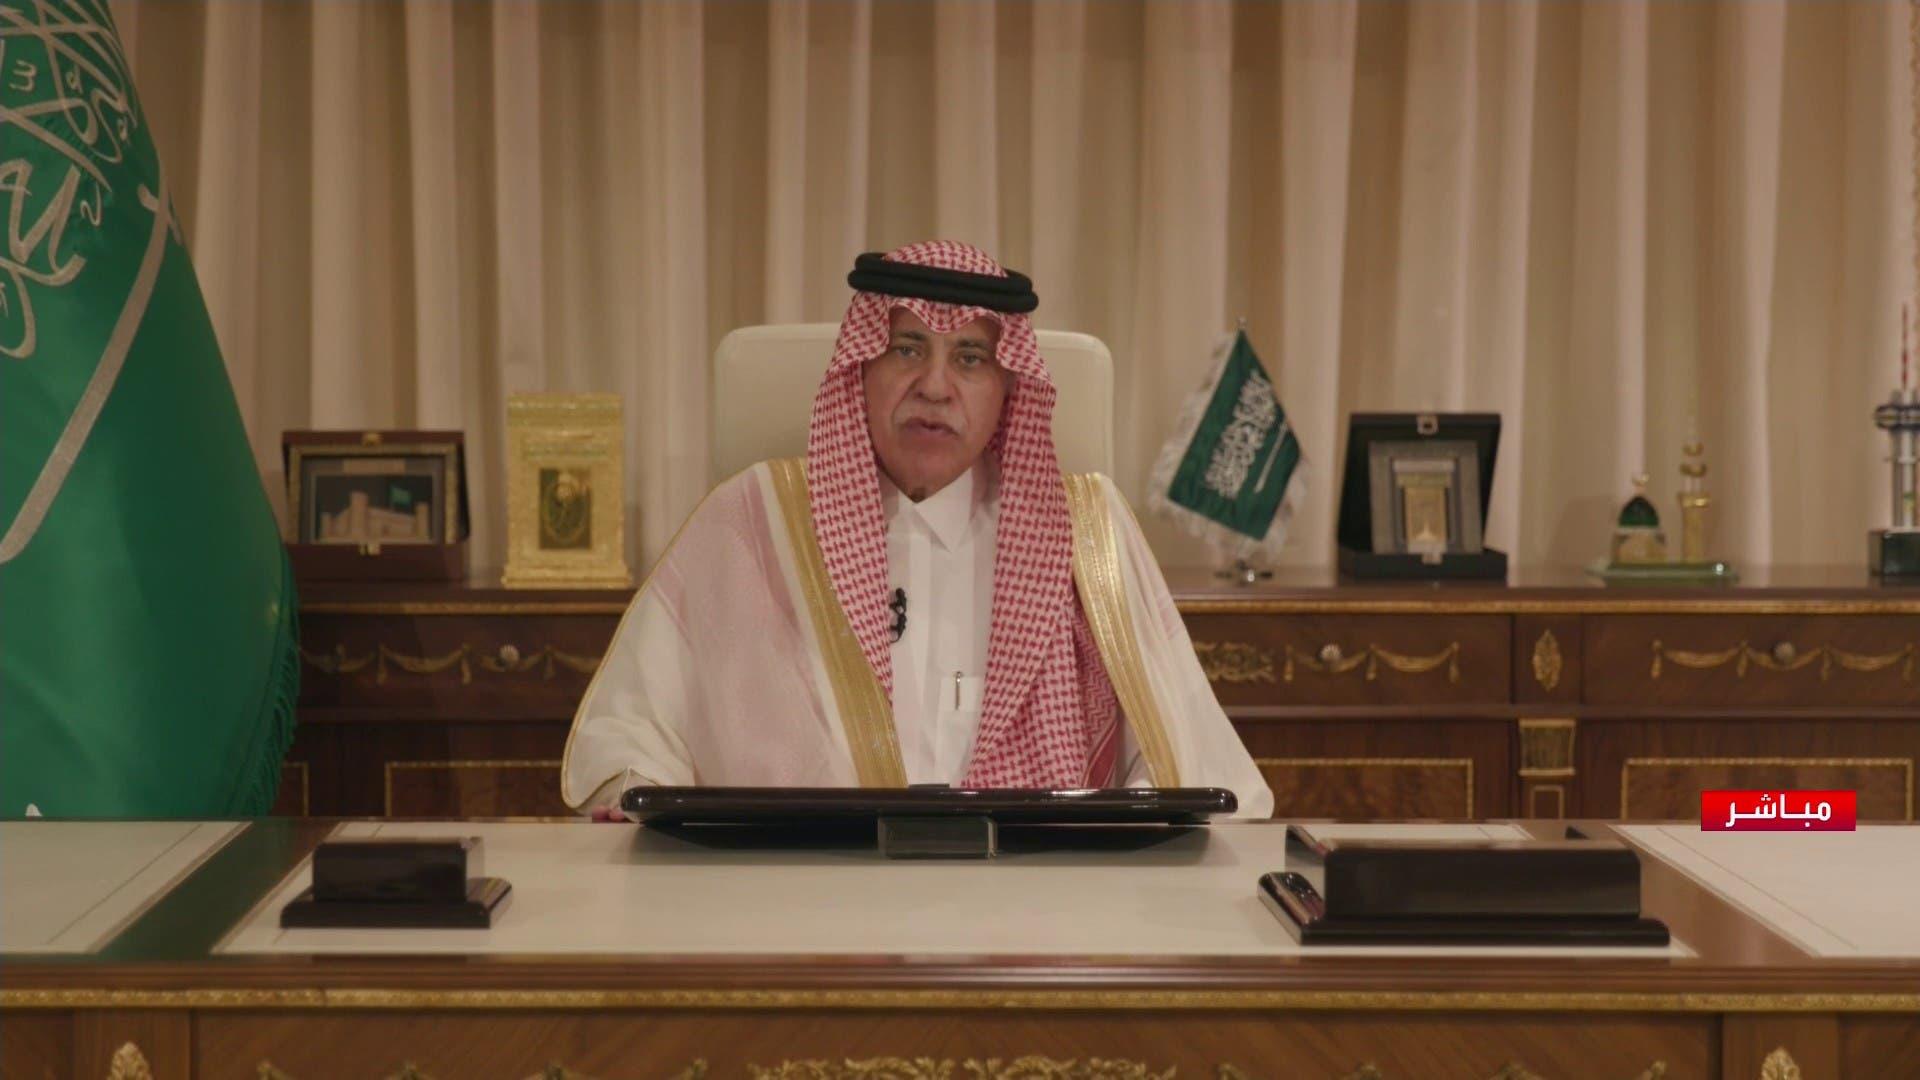 الدكتور ماجد عبدالله القصبي وزير الإعلام السعودي